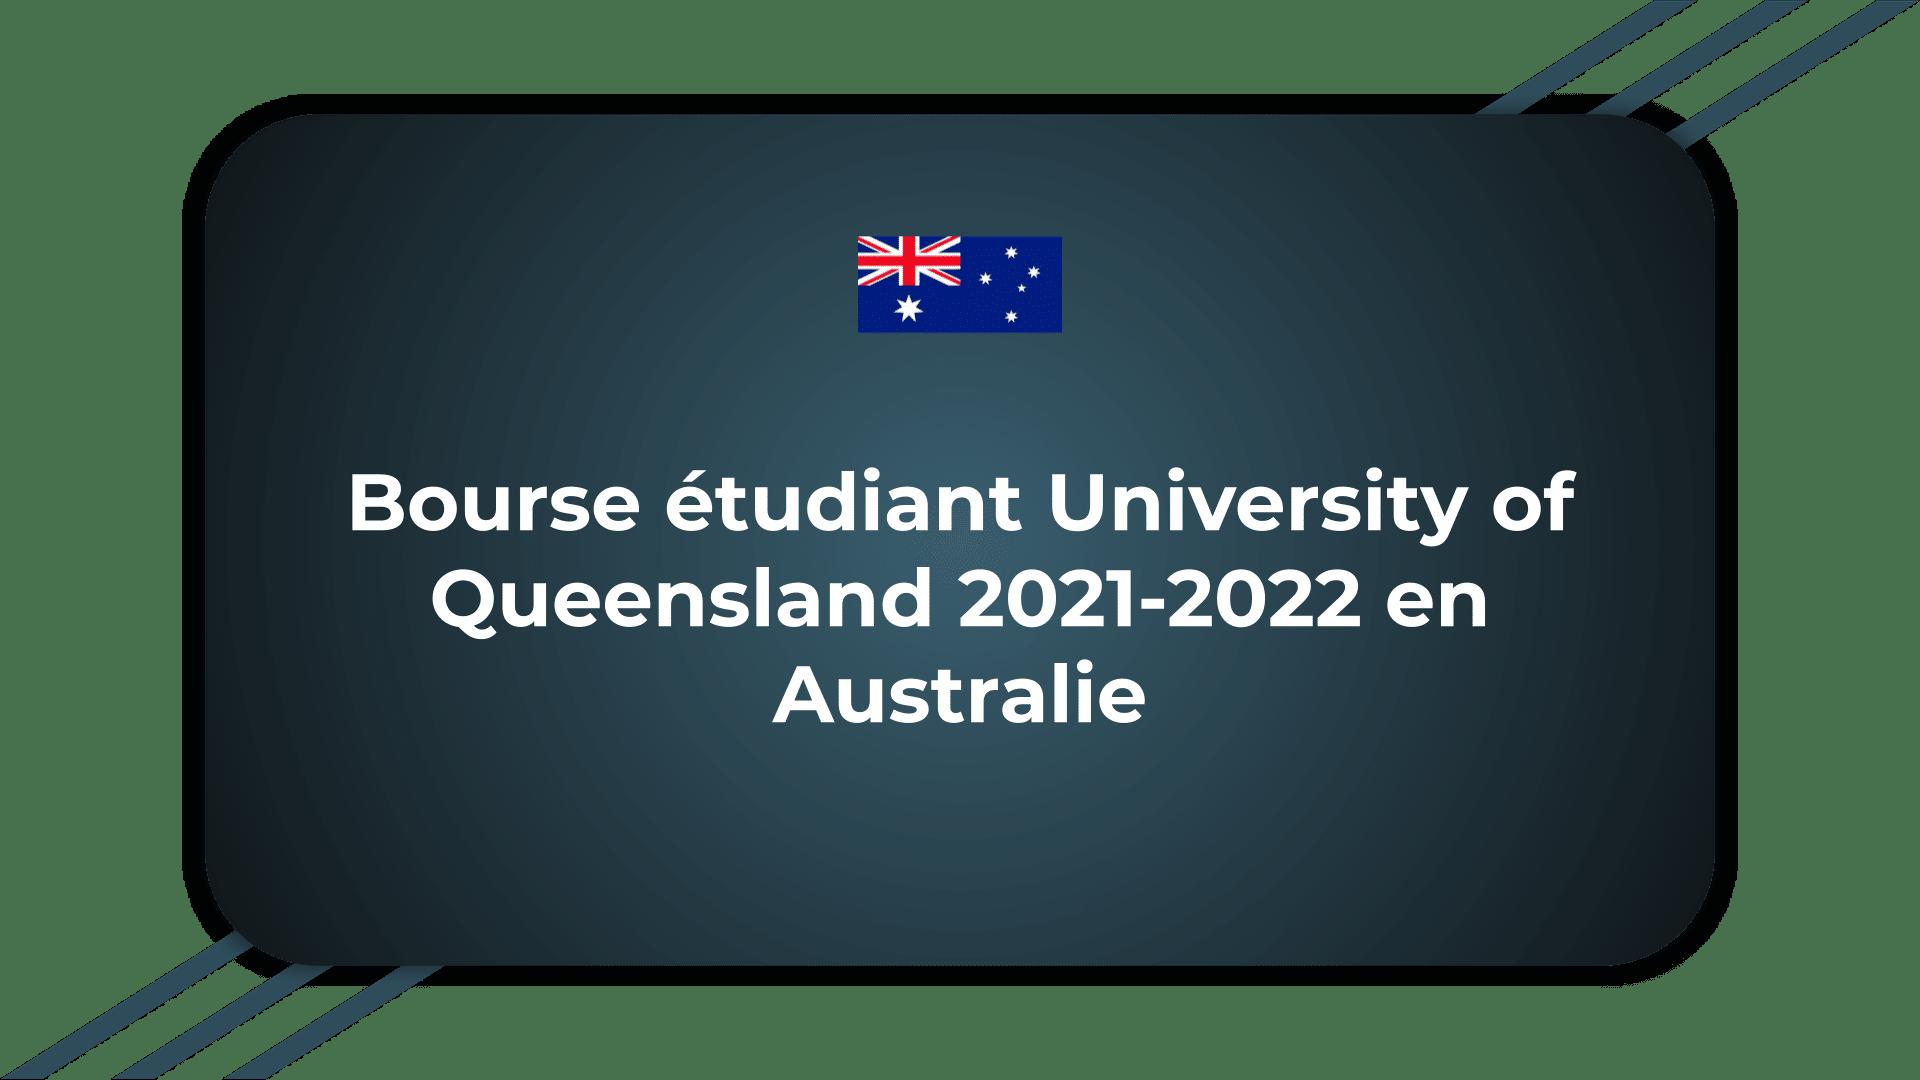 Bourse étudiant University of Queensland